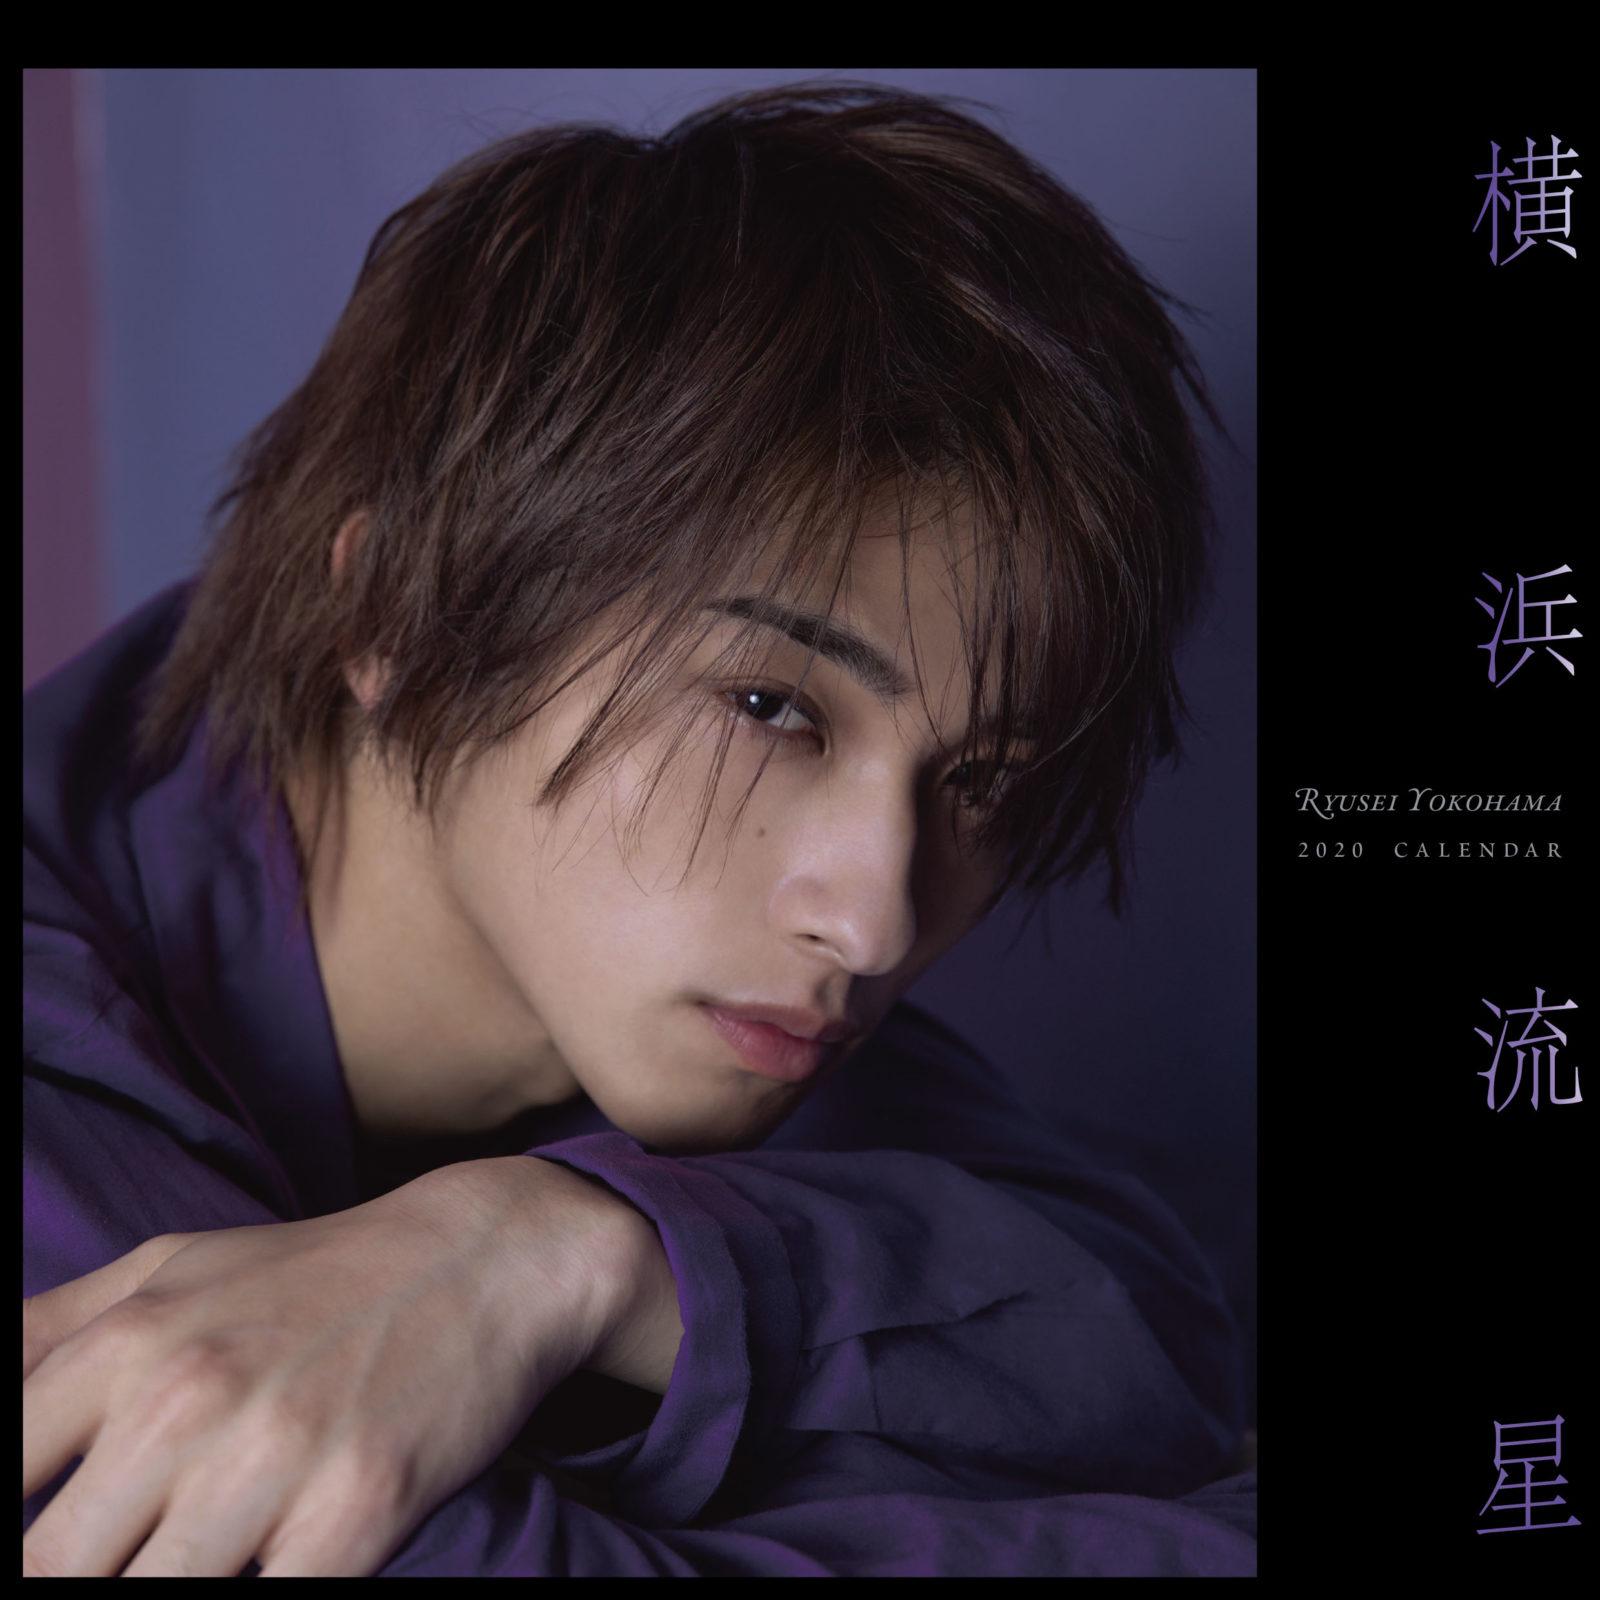 「横浜流星2020年カレンダー」特典生写真、絵柄5種類が解禁サムネイル画像